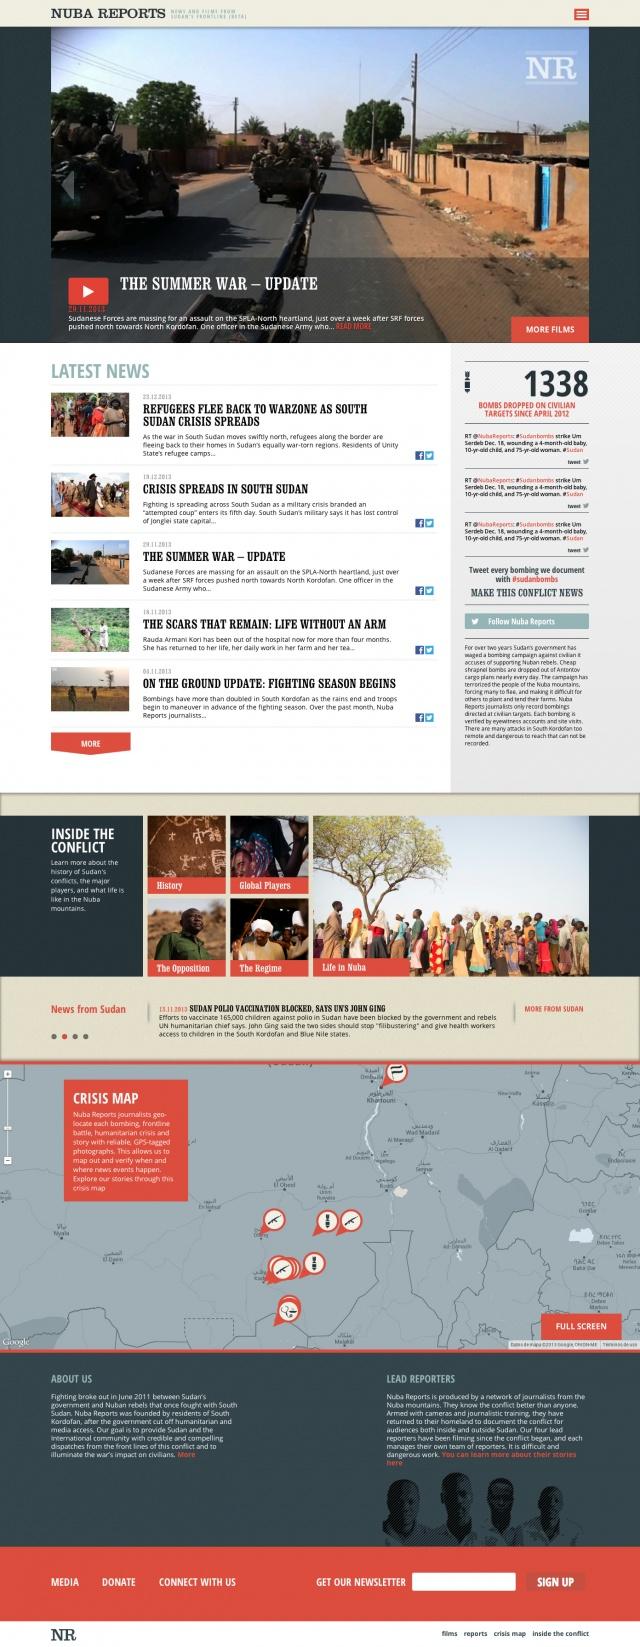 Inicio de la pagina web de nuba reports